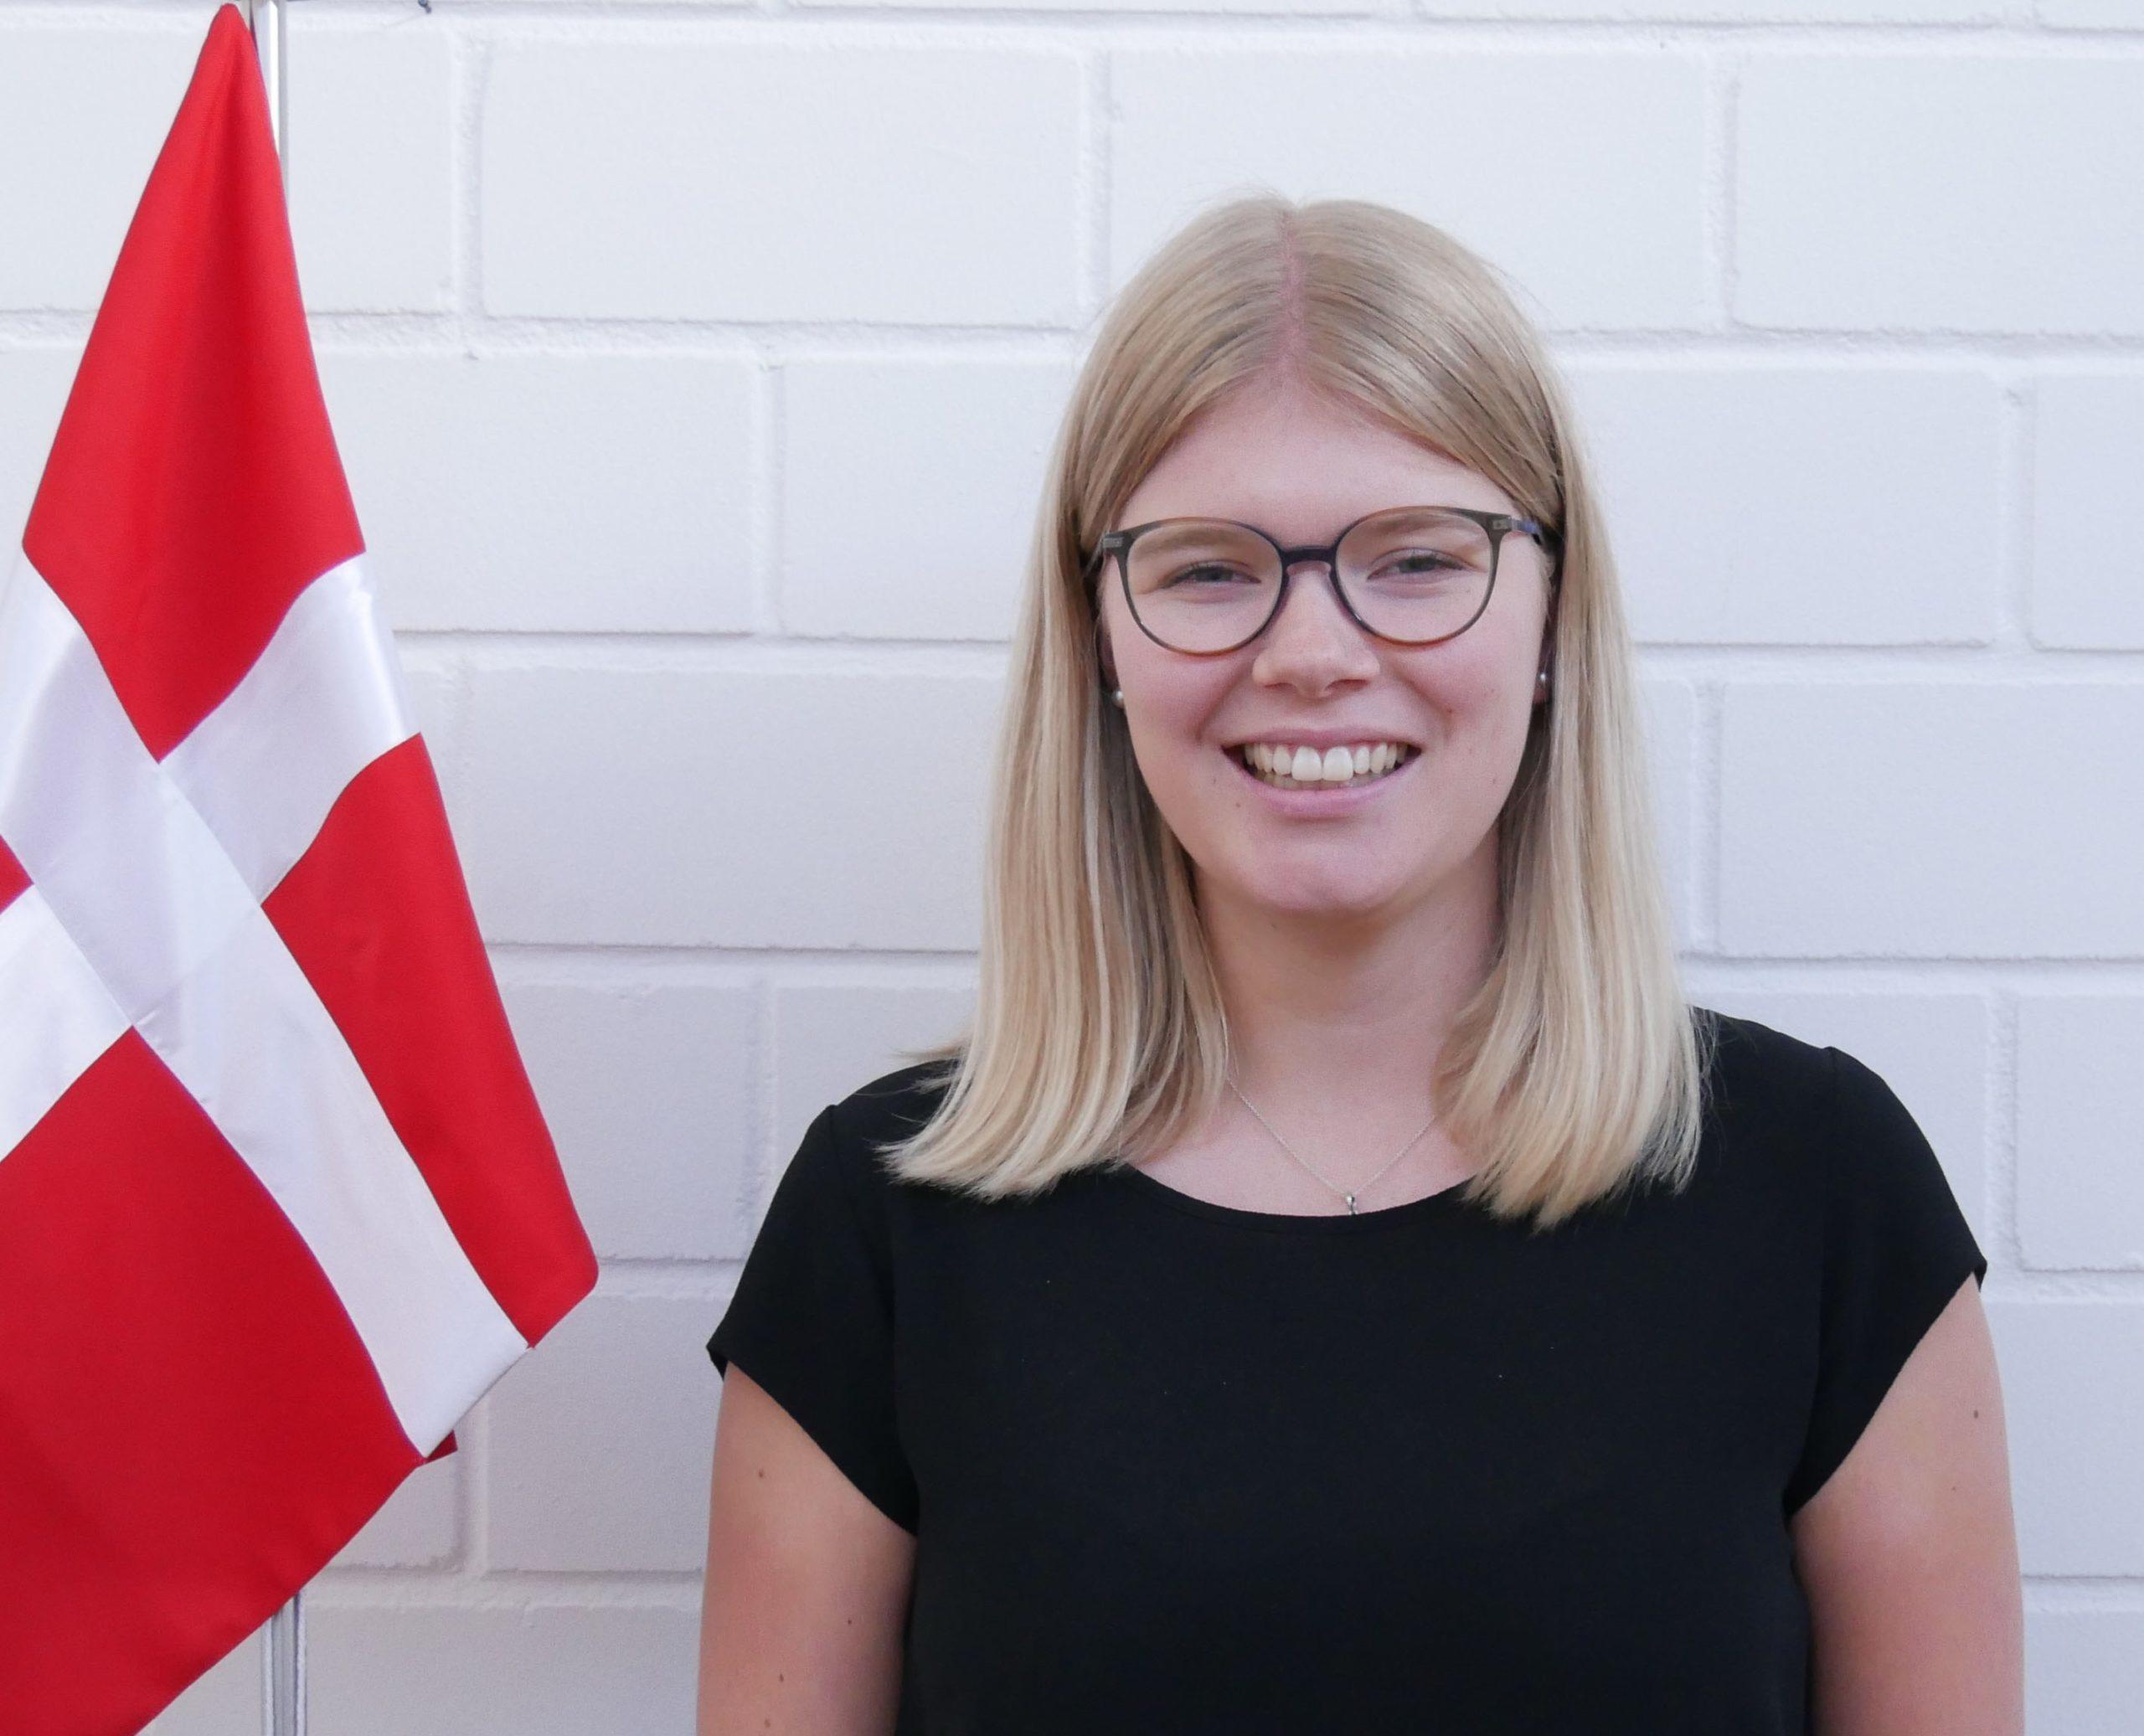 Lia Celin Johannsen